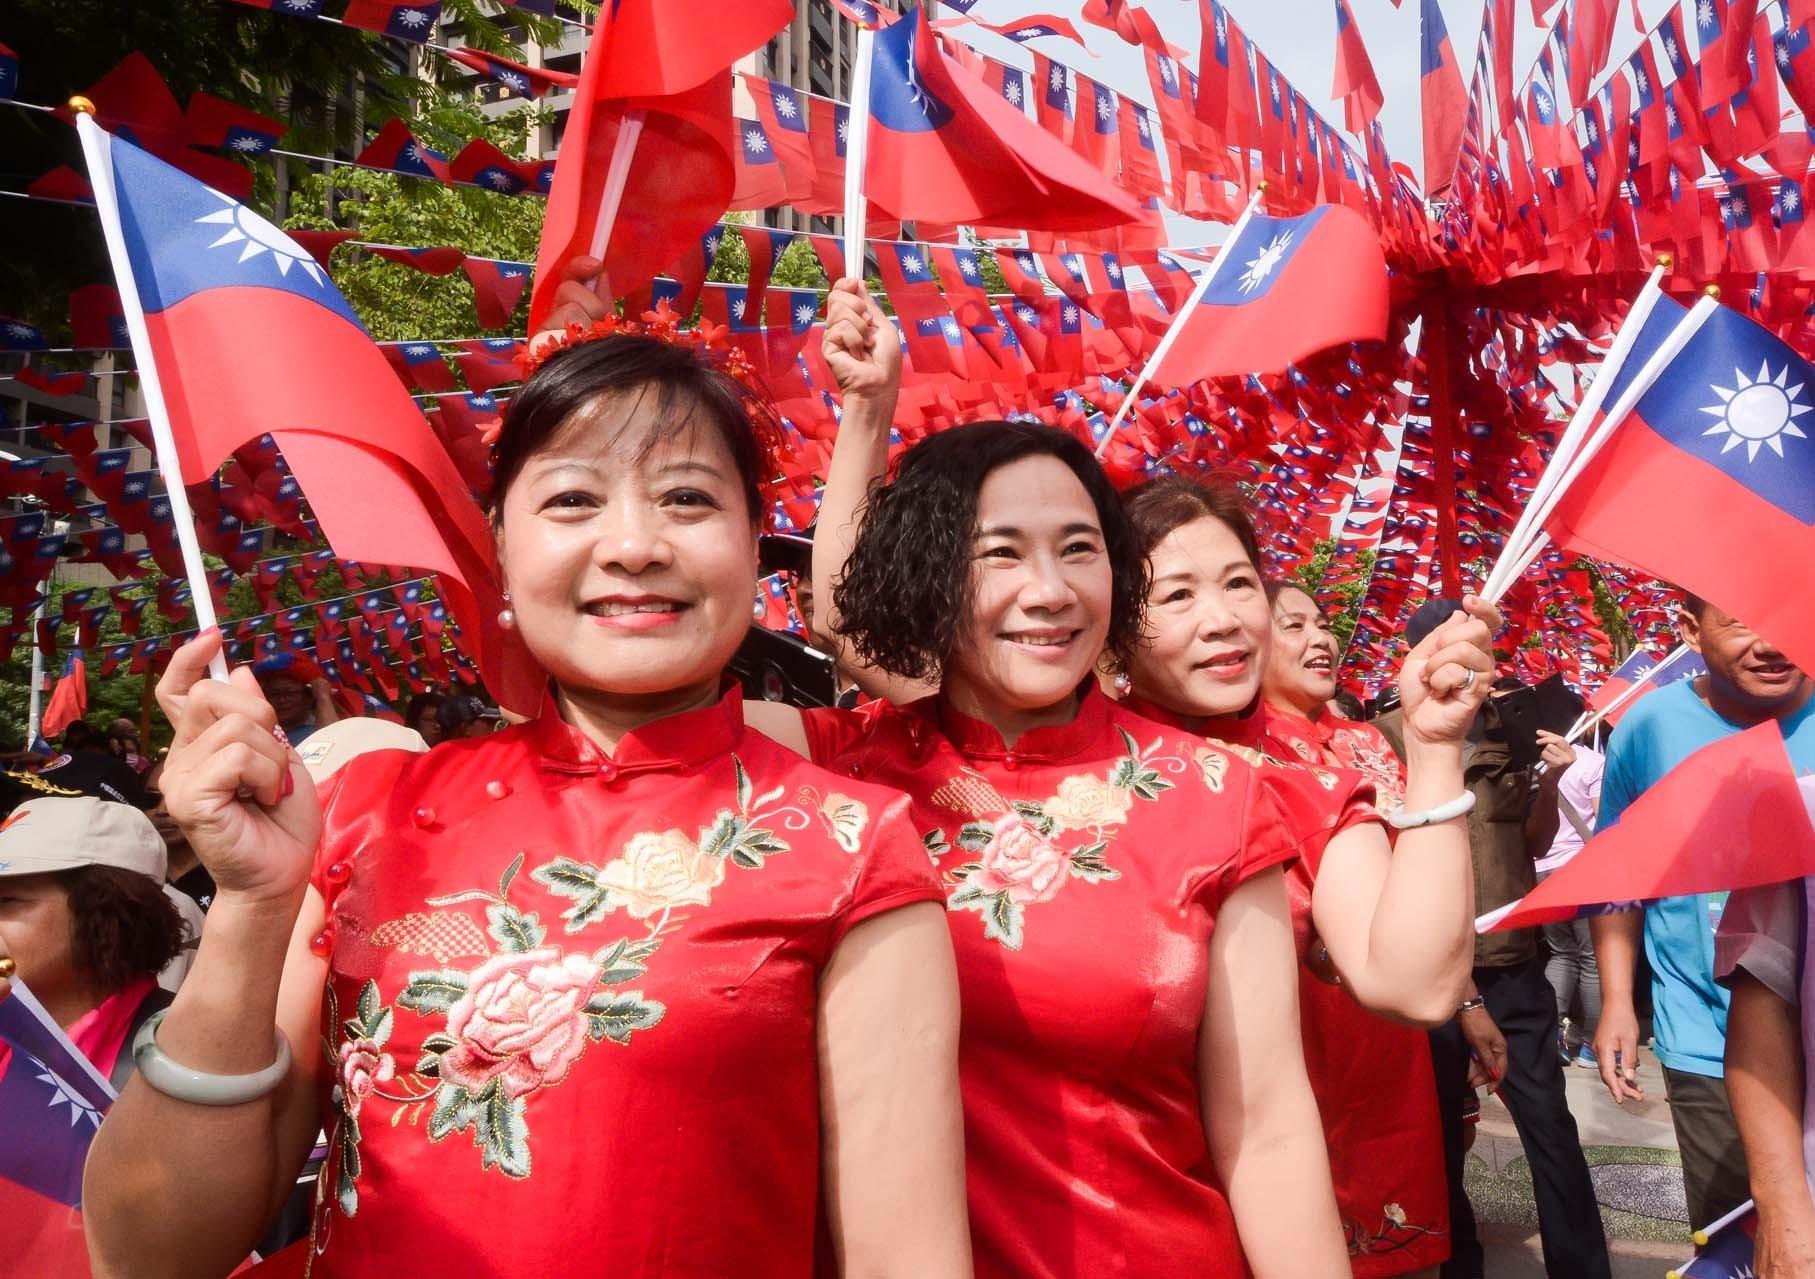 平鎮區雲南文化公園,國旗飄揚